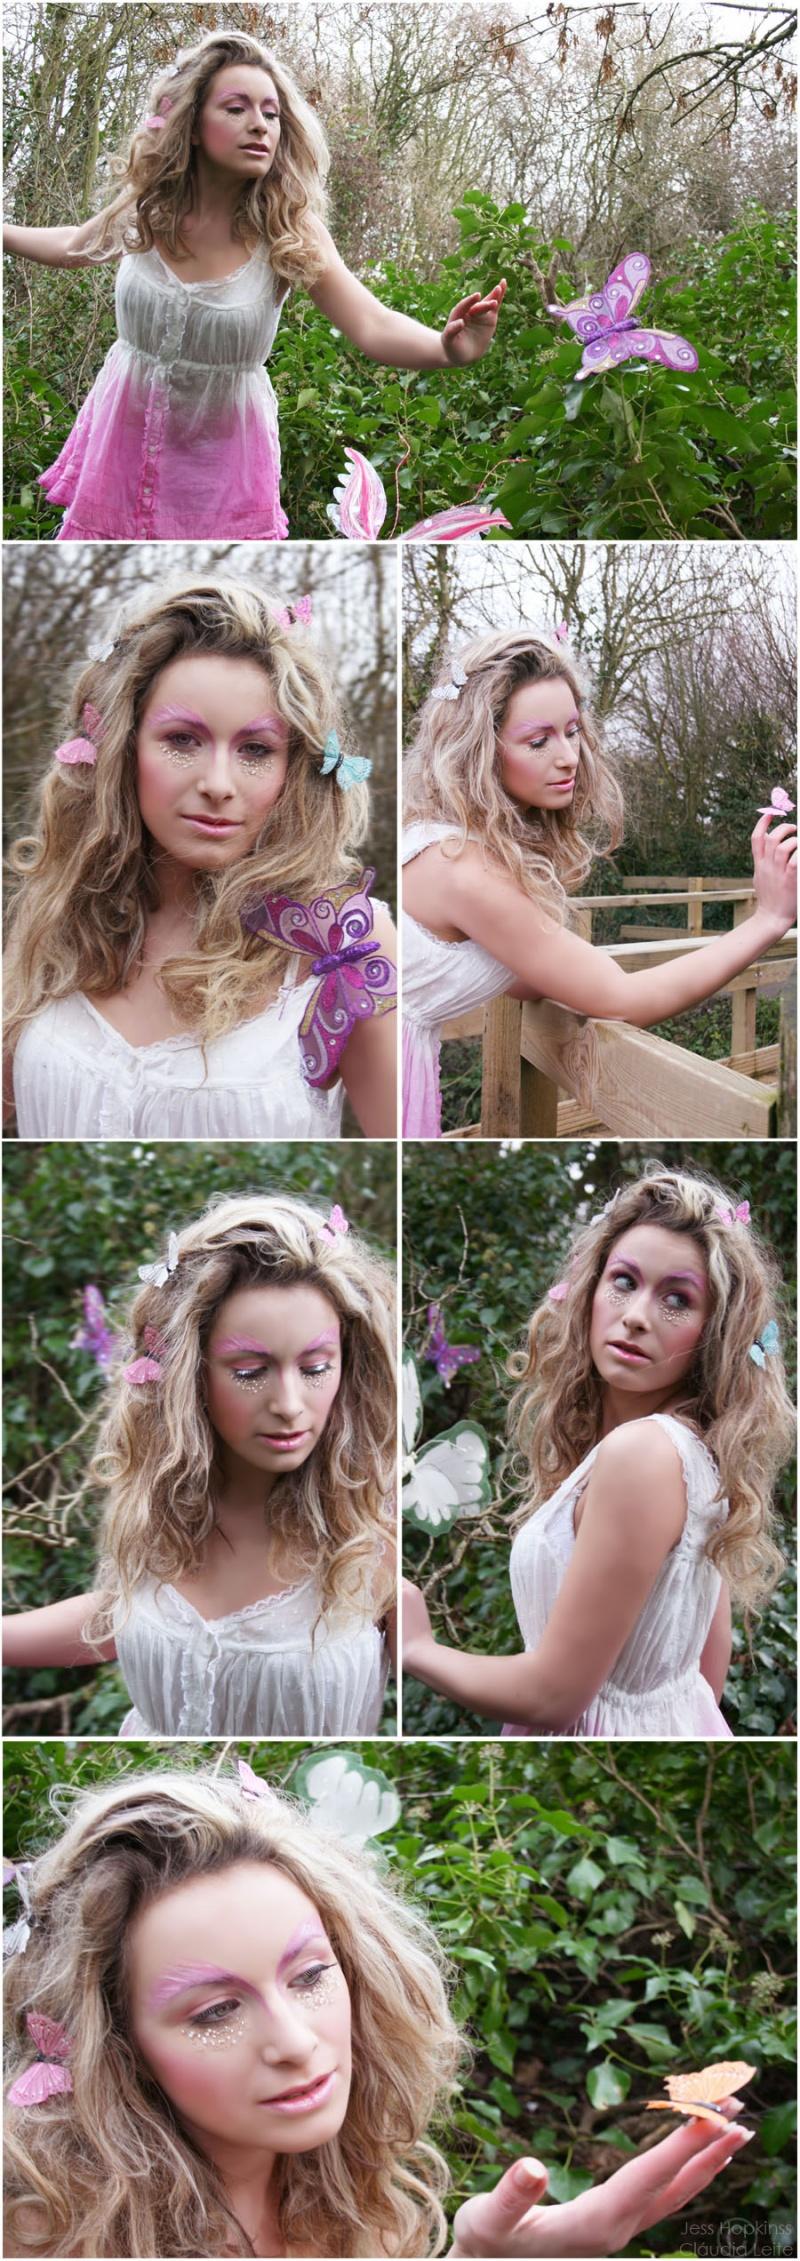 Dec 25, 2008 Makeography Butterflies